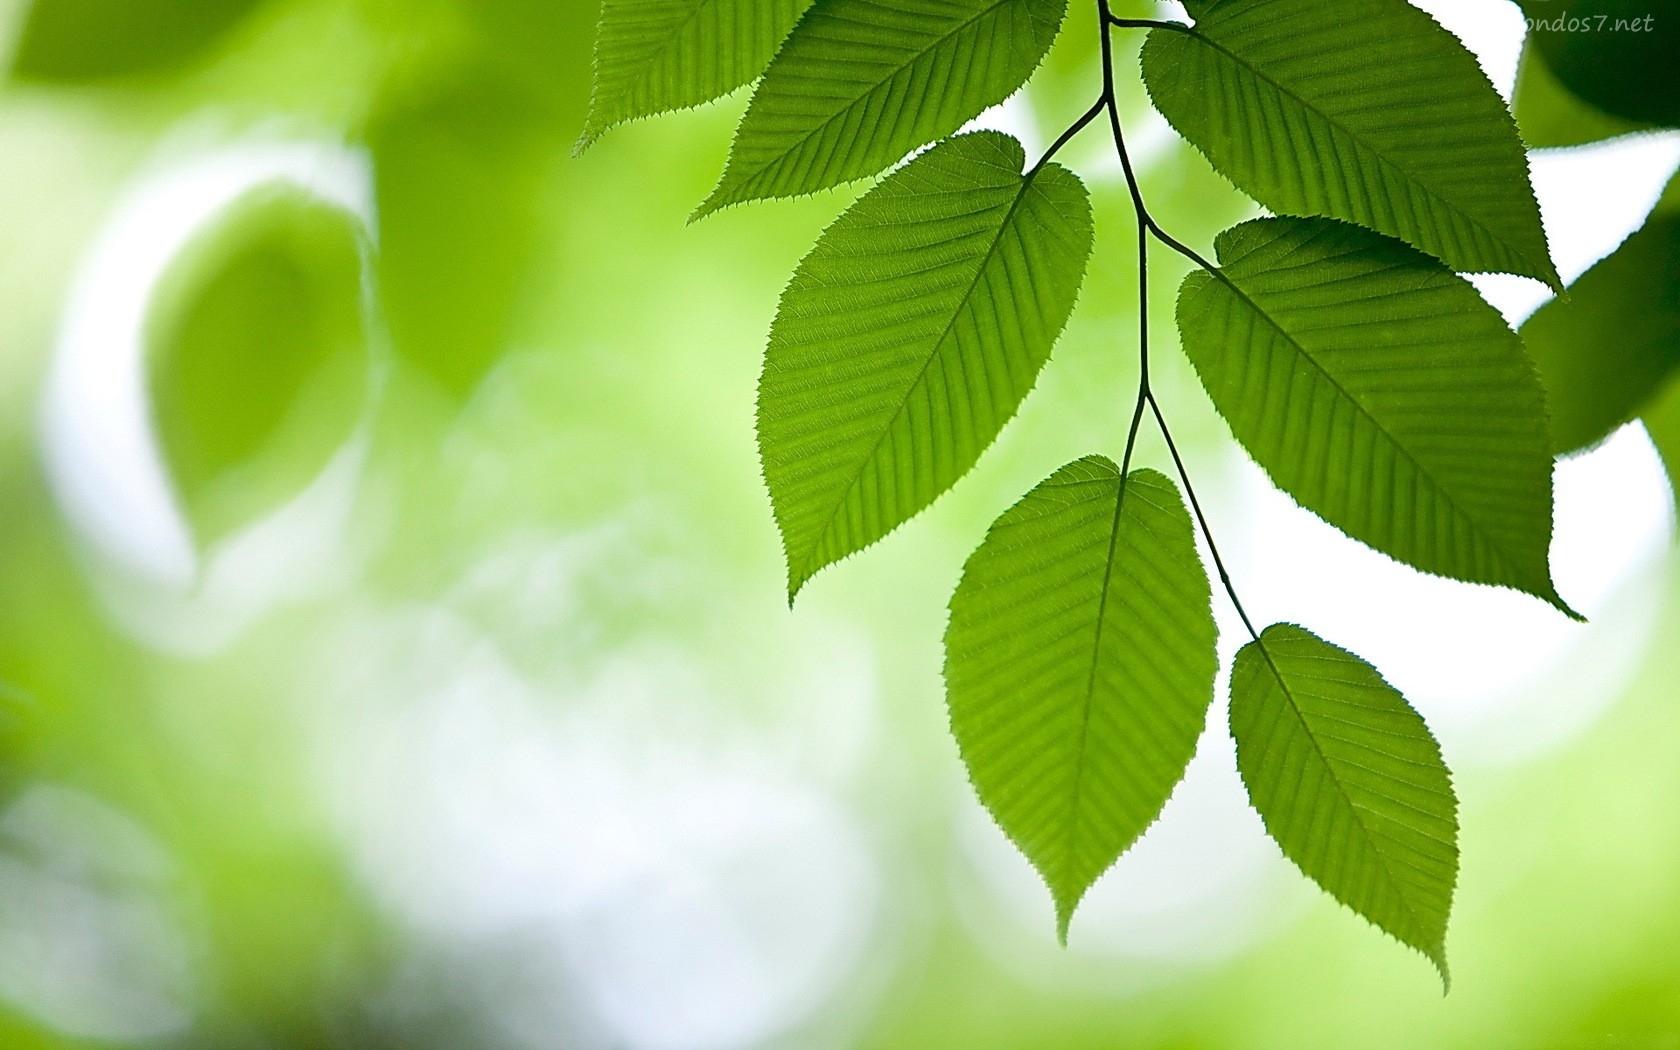 Soñar con hojas